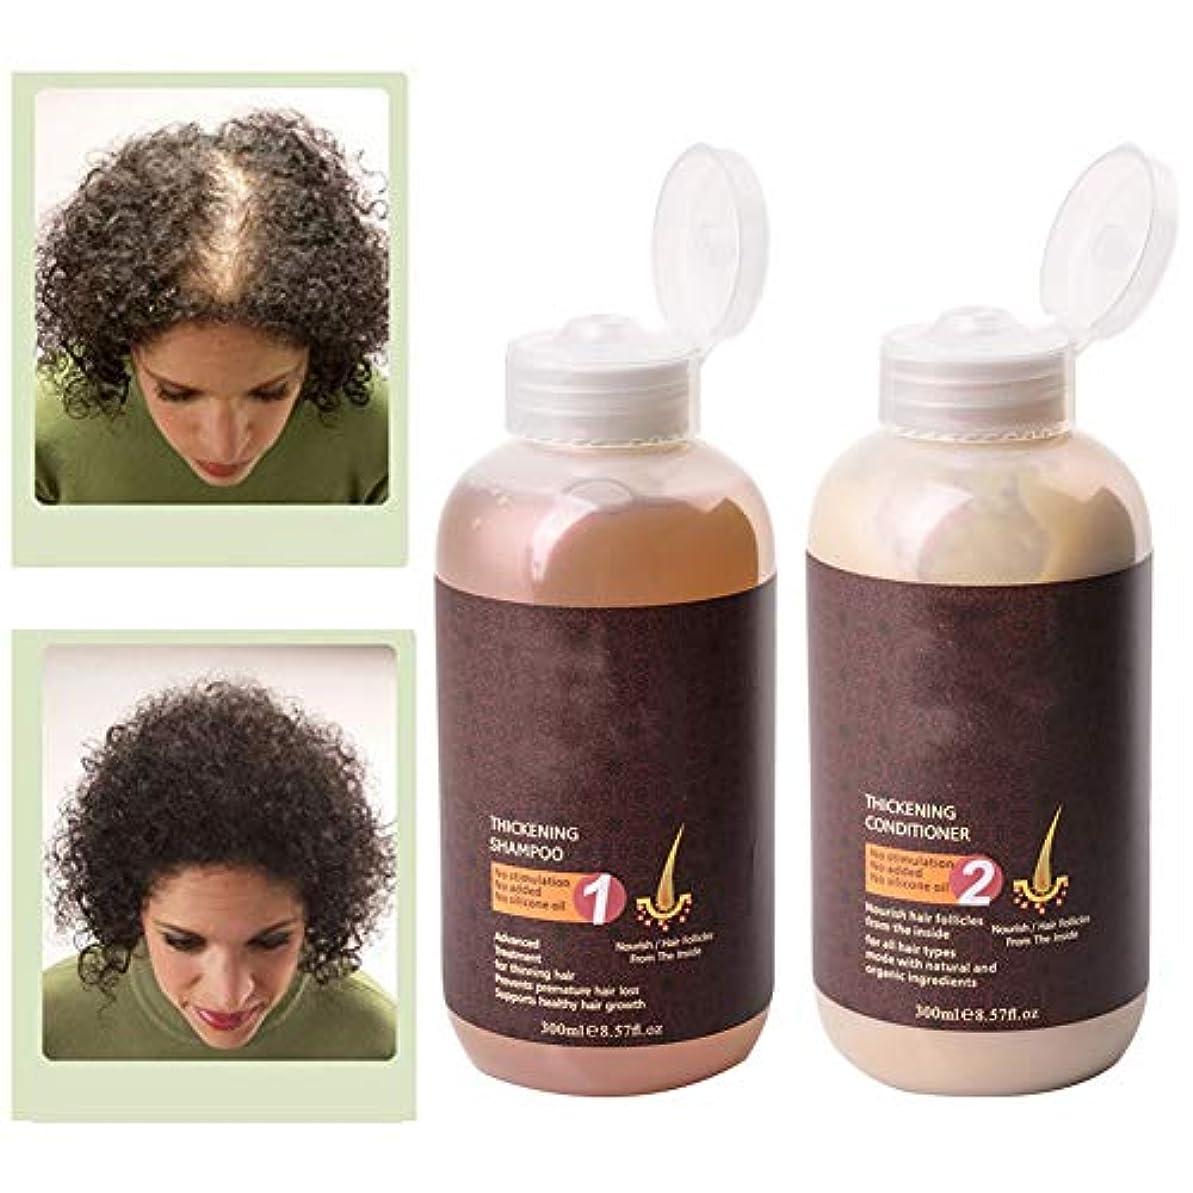 寄稿者ボリューム愛情深いシャンプーコンディショナーセット生姜成長髪300ミリリットル+ 300ミリリットル明確にするシャンプー栄養深い修復増加光沢、水分補給、輝き、かゆみ頭皮ヘアケアキットを減らす